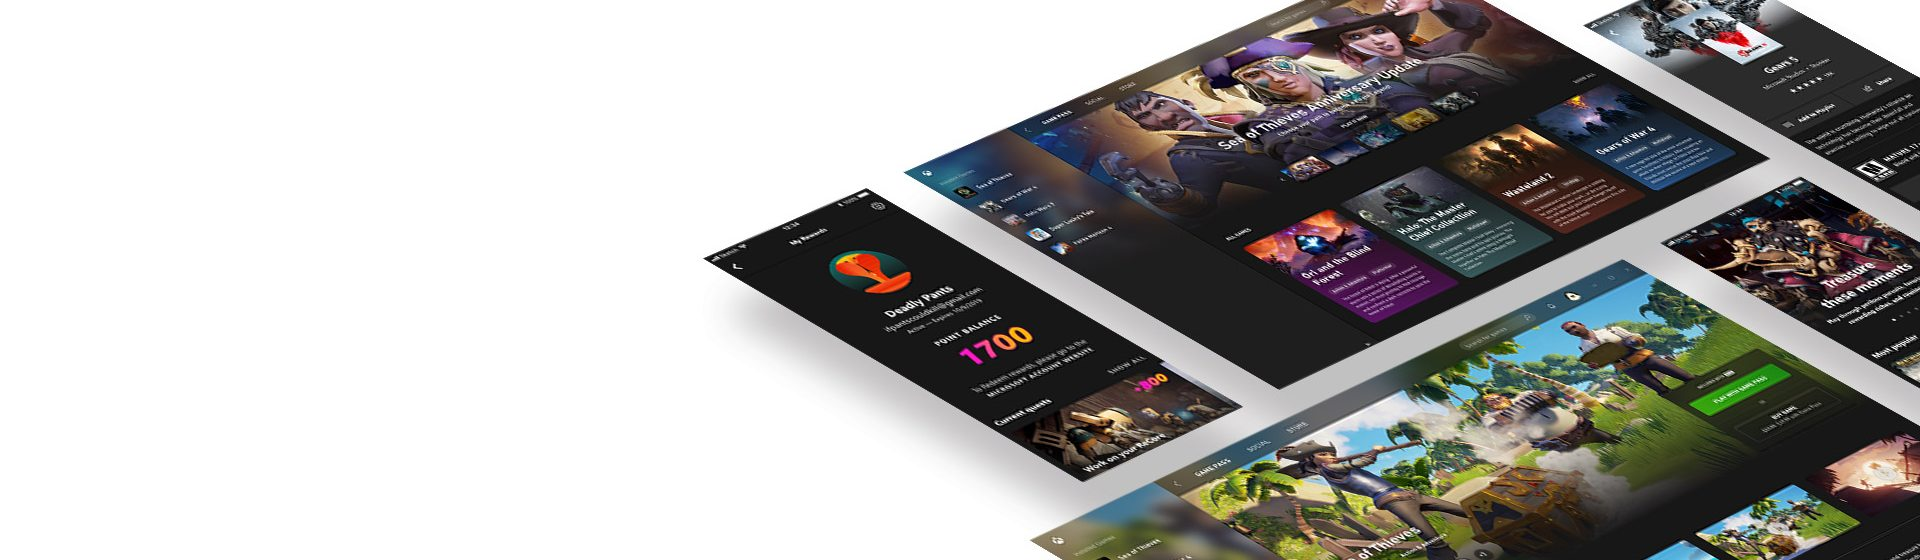 Xbox Game Pass Ultimate sẽ có giá chỉ 1 USD cùng nhiều tựa game mới